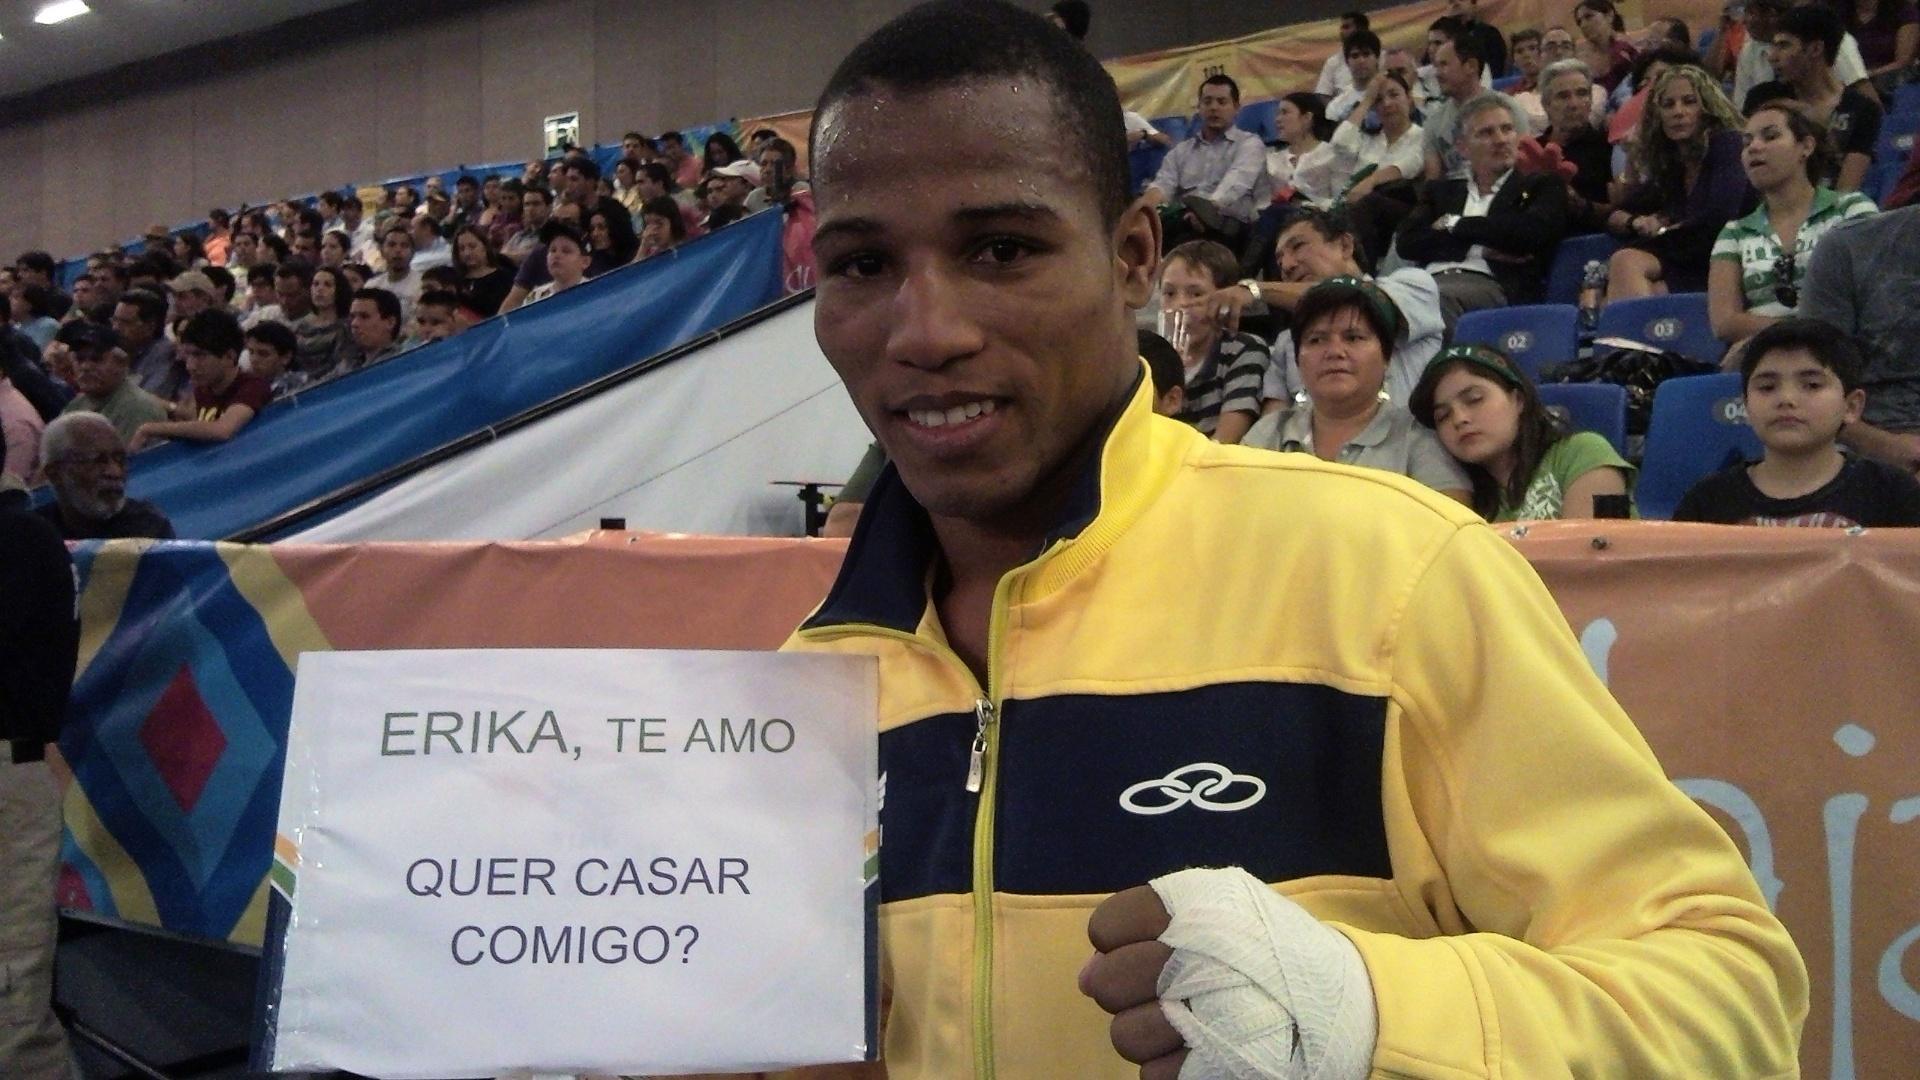 Robson Conceição vence semi do boxe e pede namorada em casamento (24/10/2011)